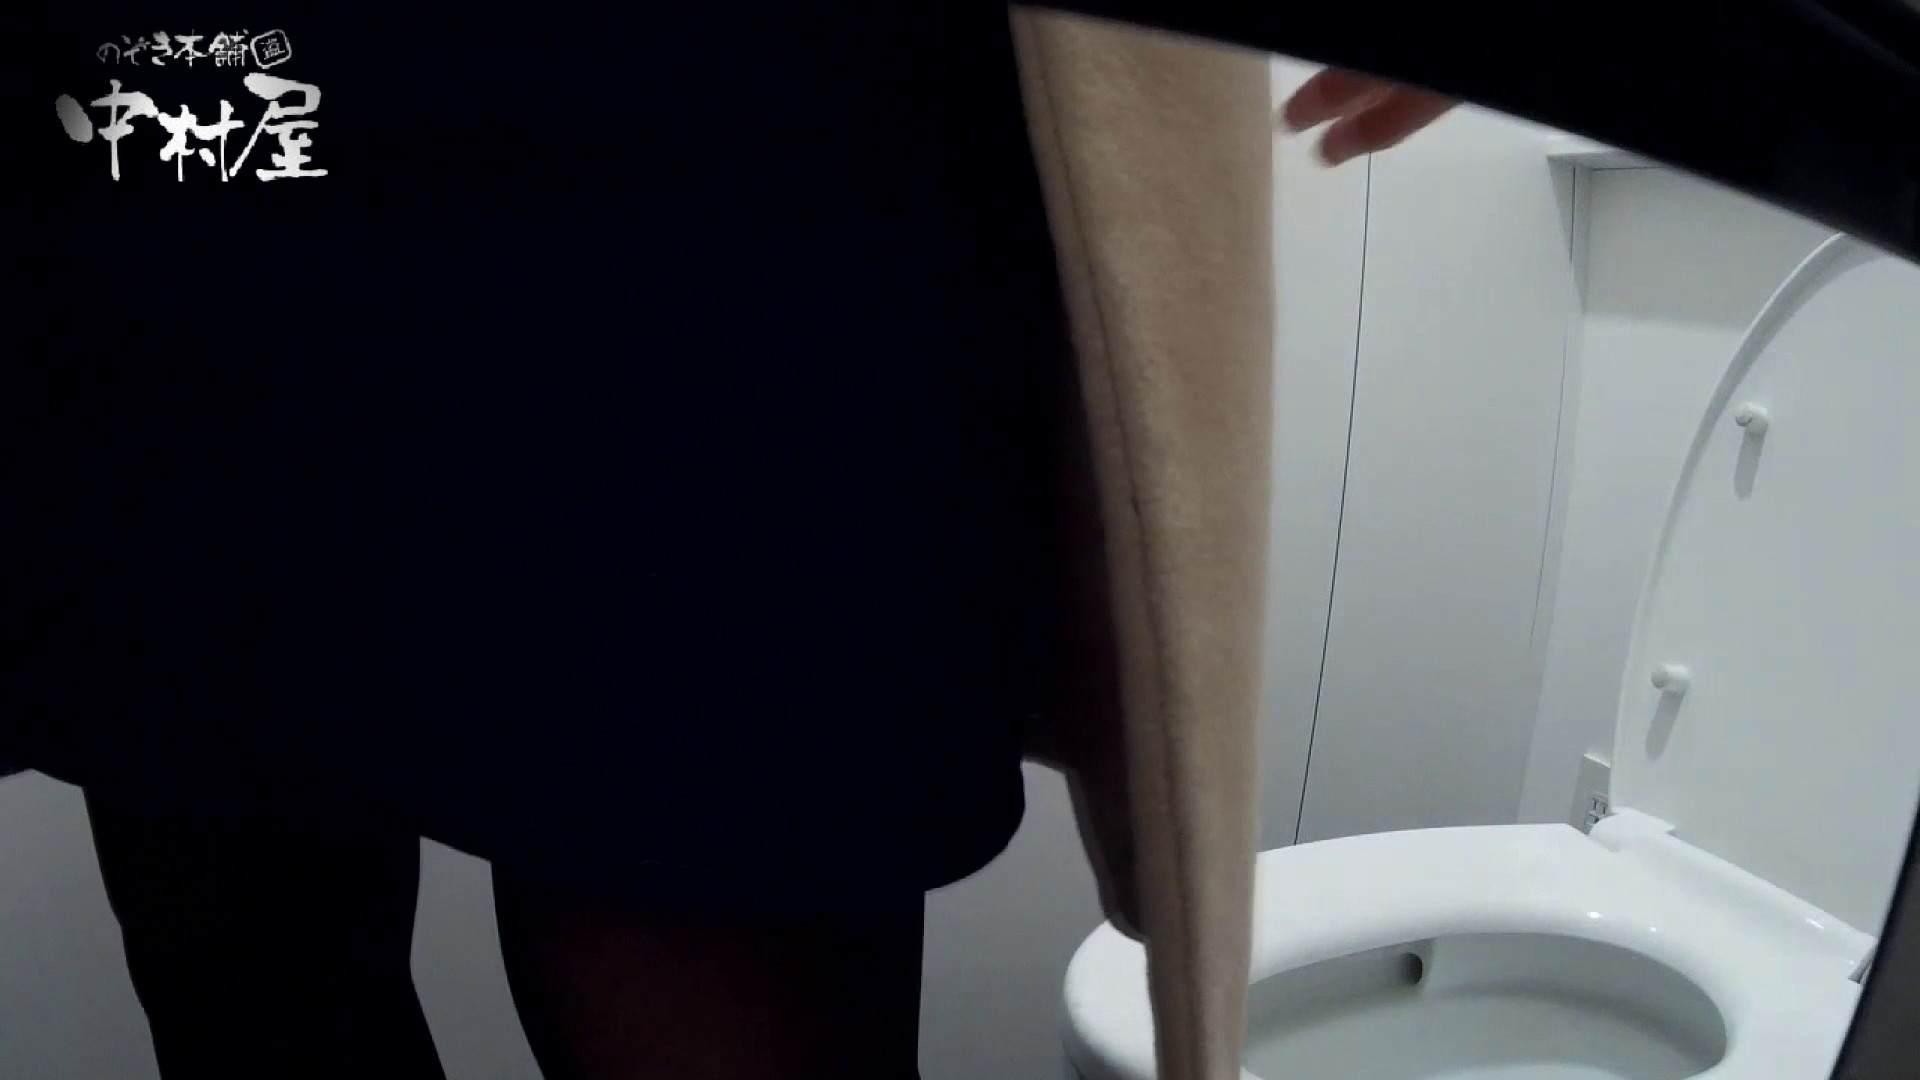 有名大学女性洗面所 vol.58 アンダーヘアーも冬支度? 潜入 | 投稿  91画像 21